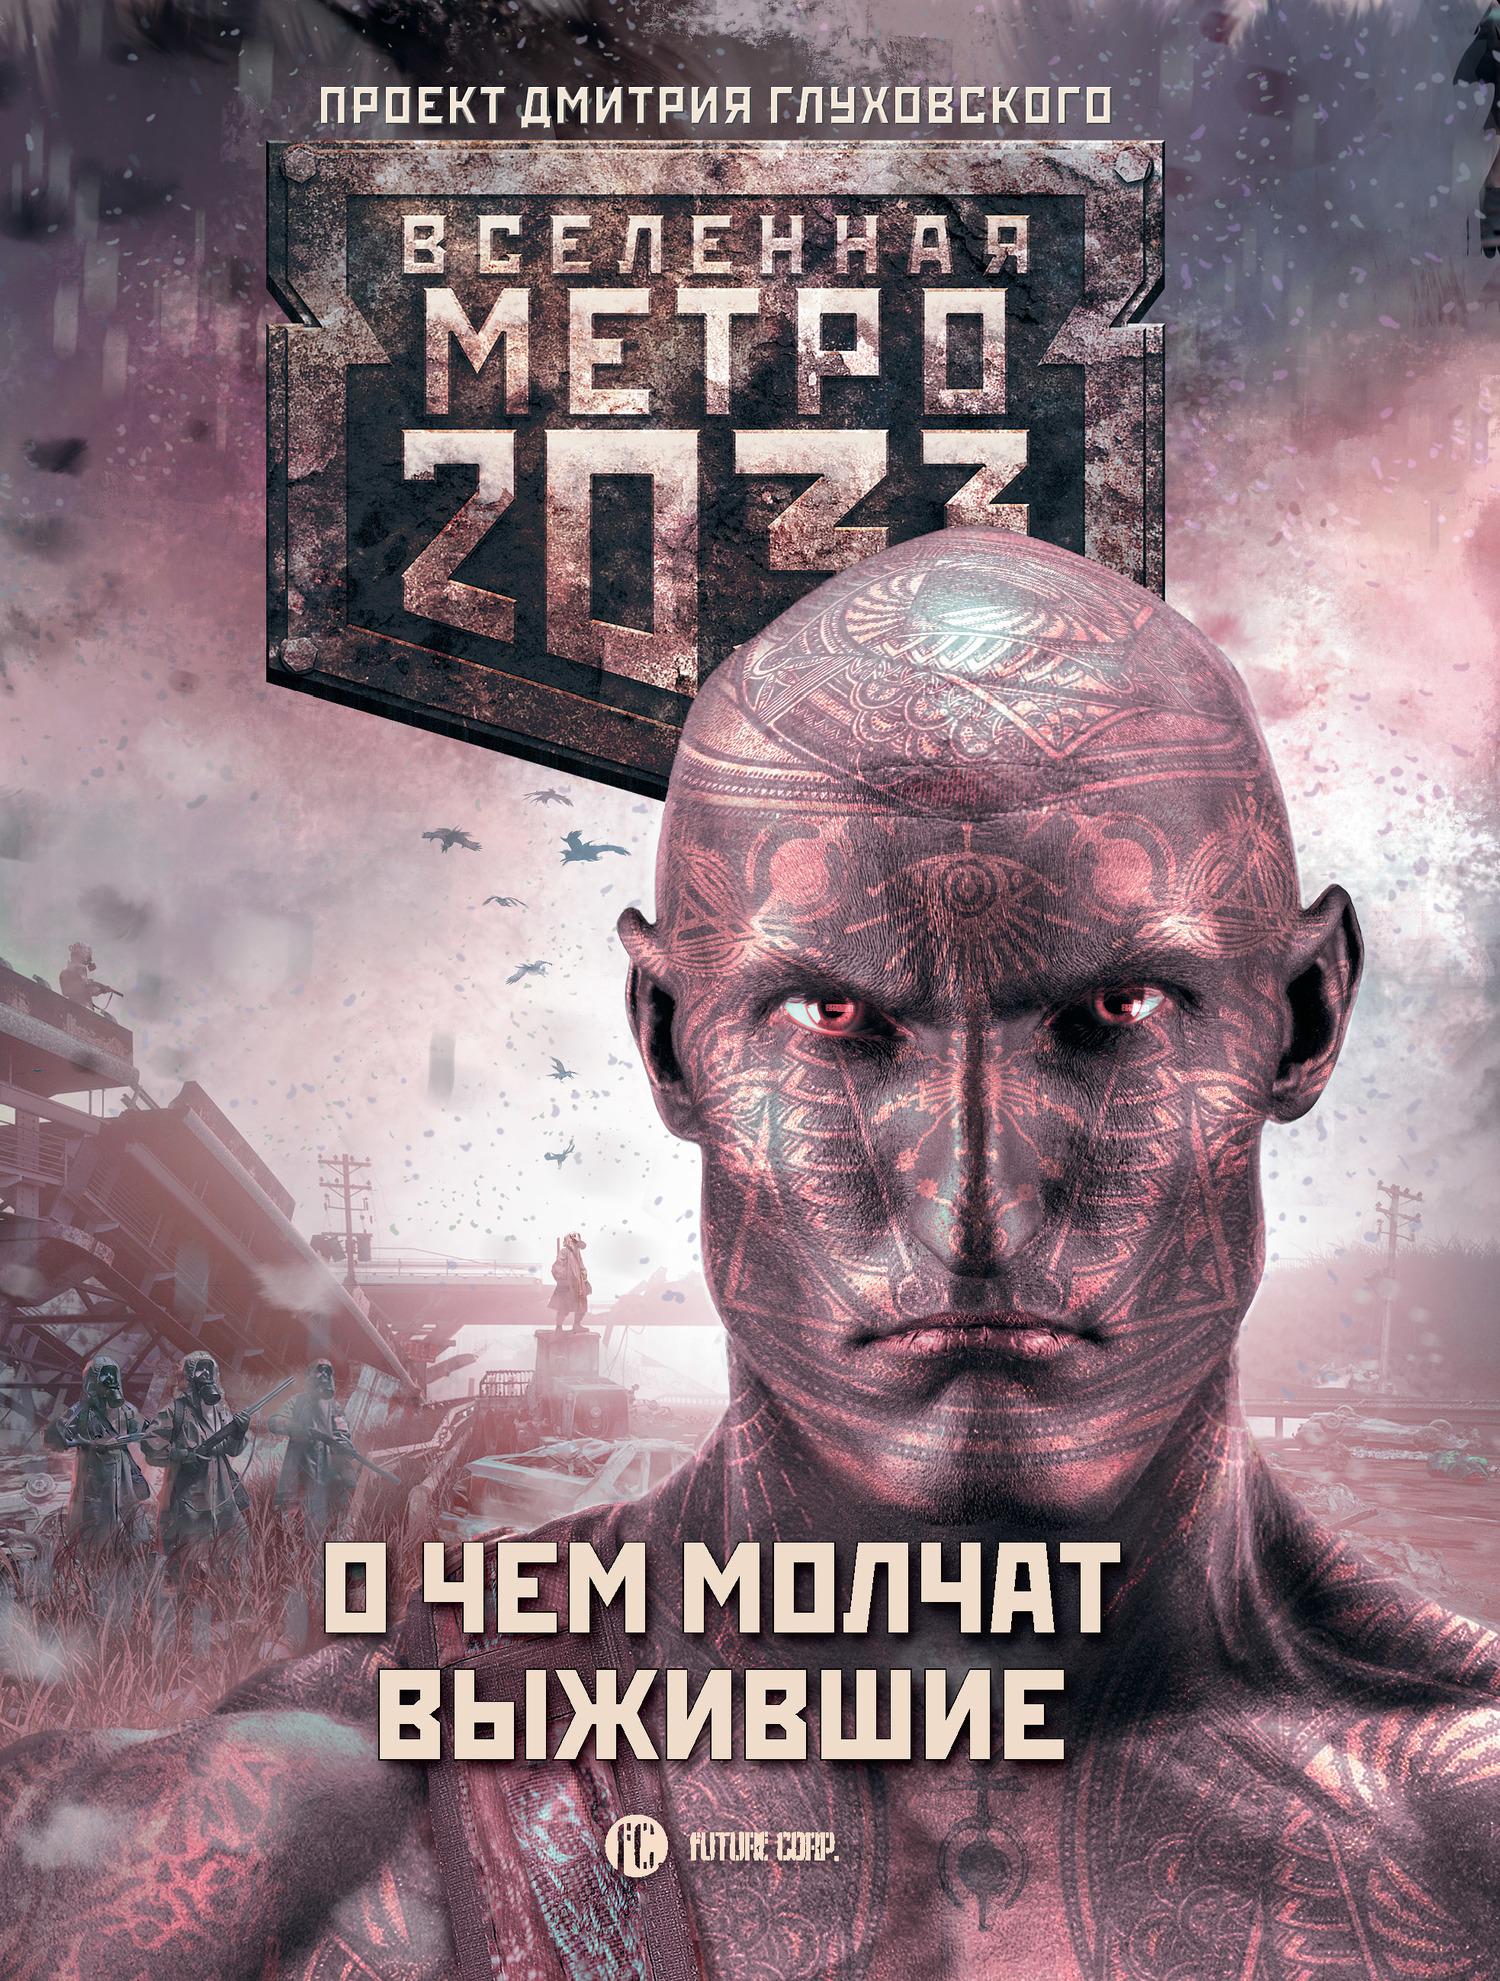 Сергей Семенов Метро 2033: О чем молчат выжившие (сборник) калашников тимофей метро 2033 изнанка мира